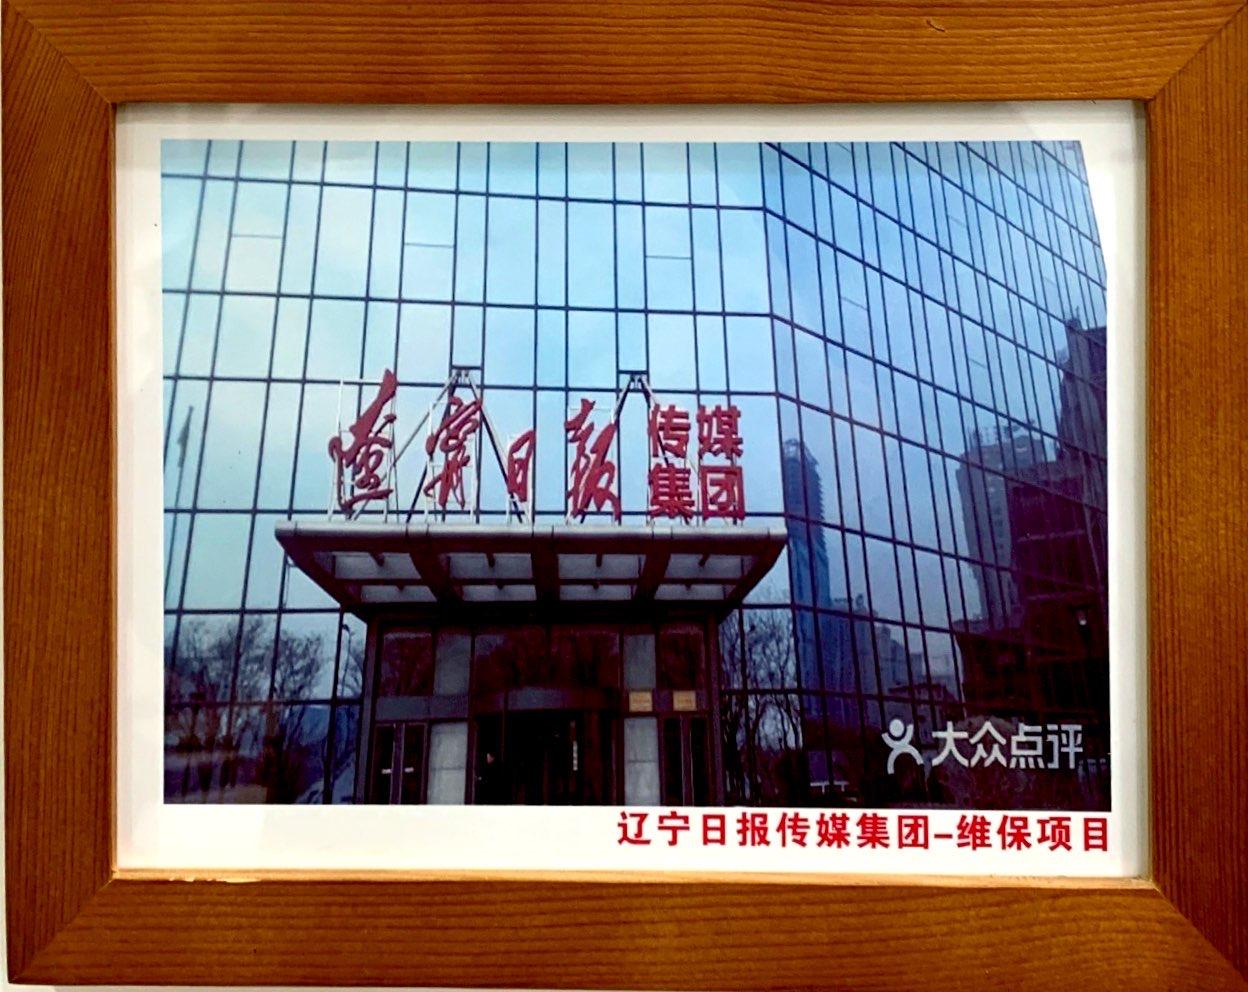 遼寧日報傳媒集團-維保項目